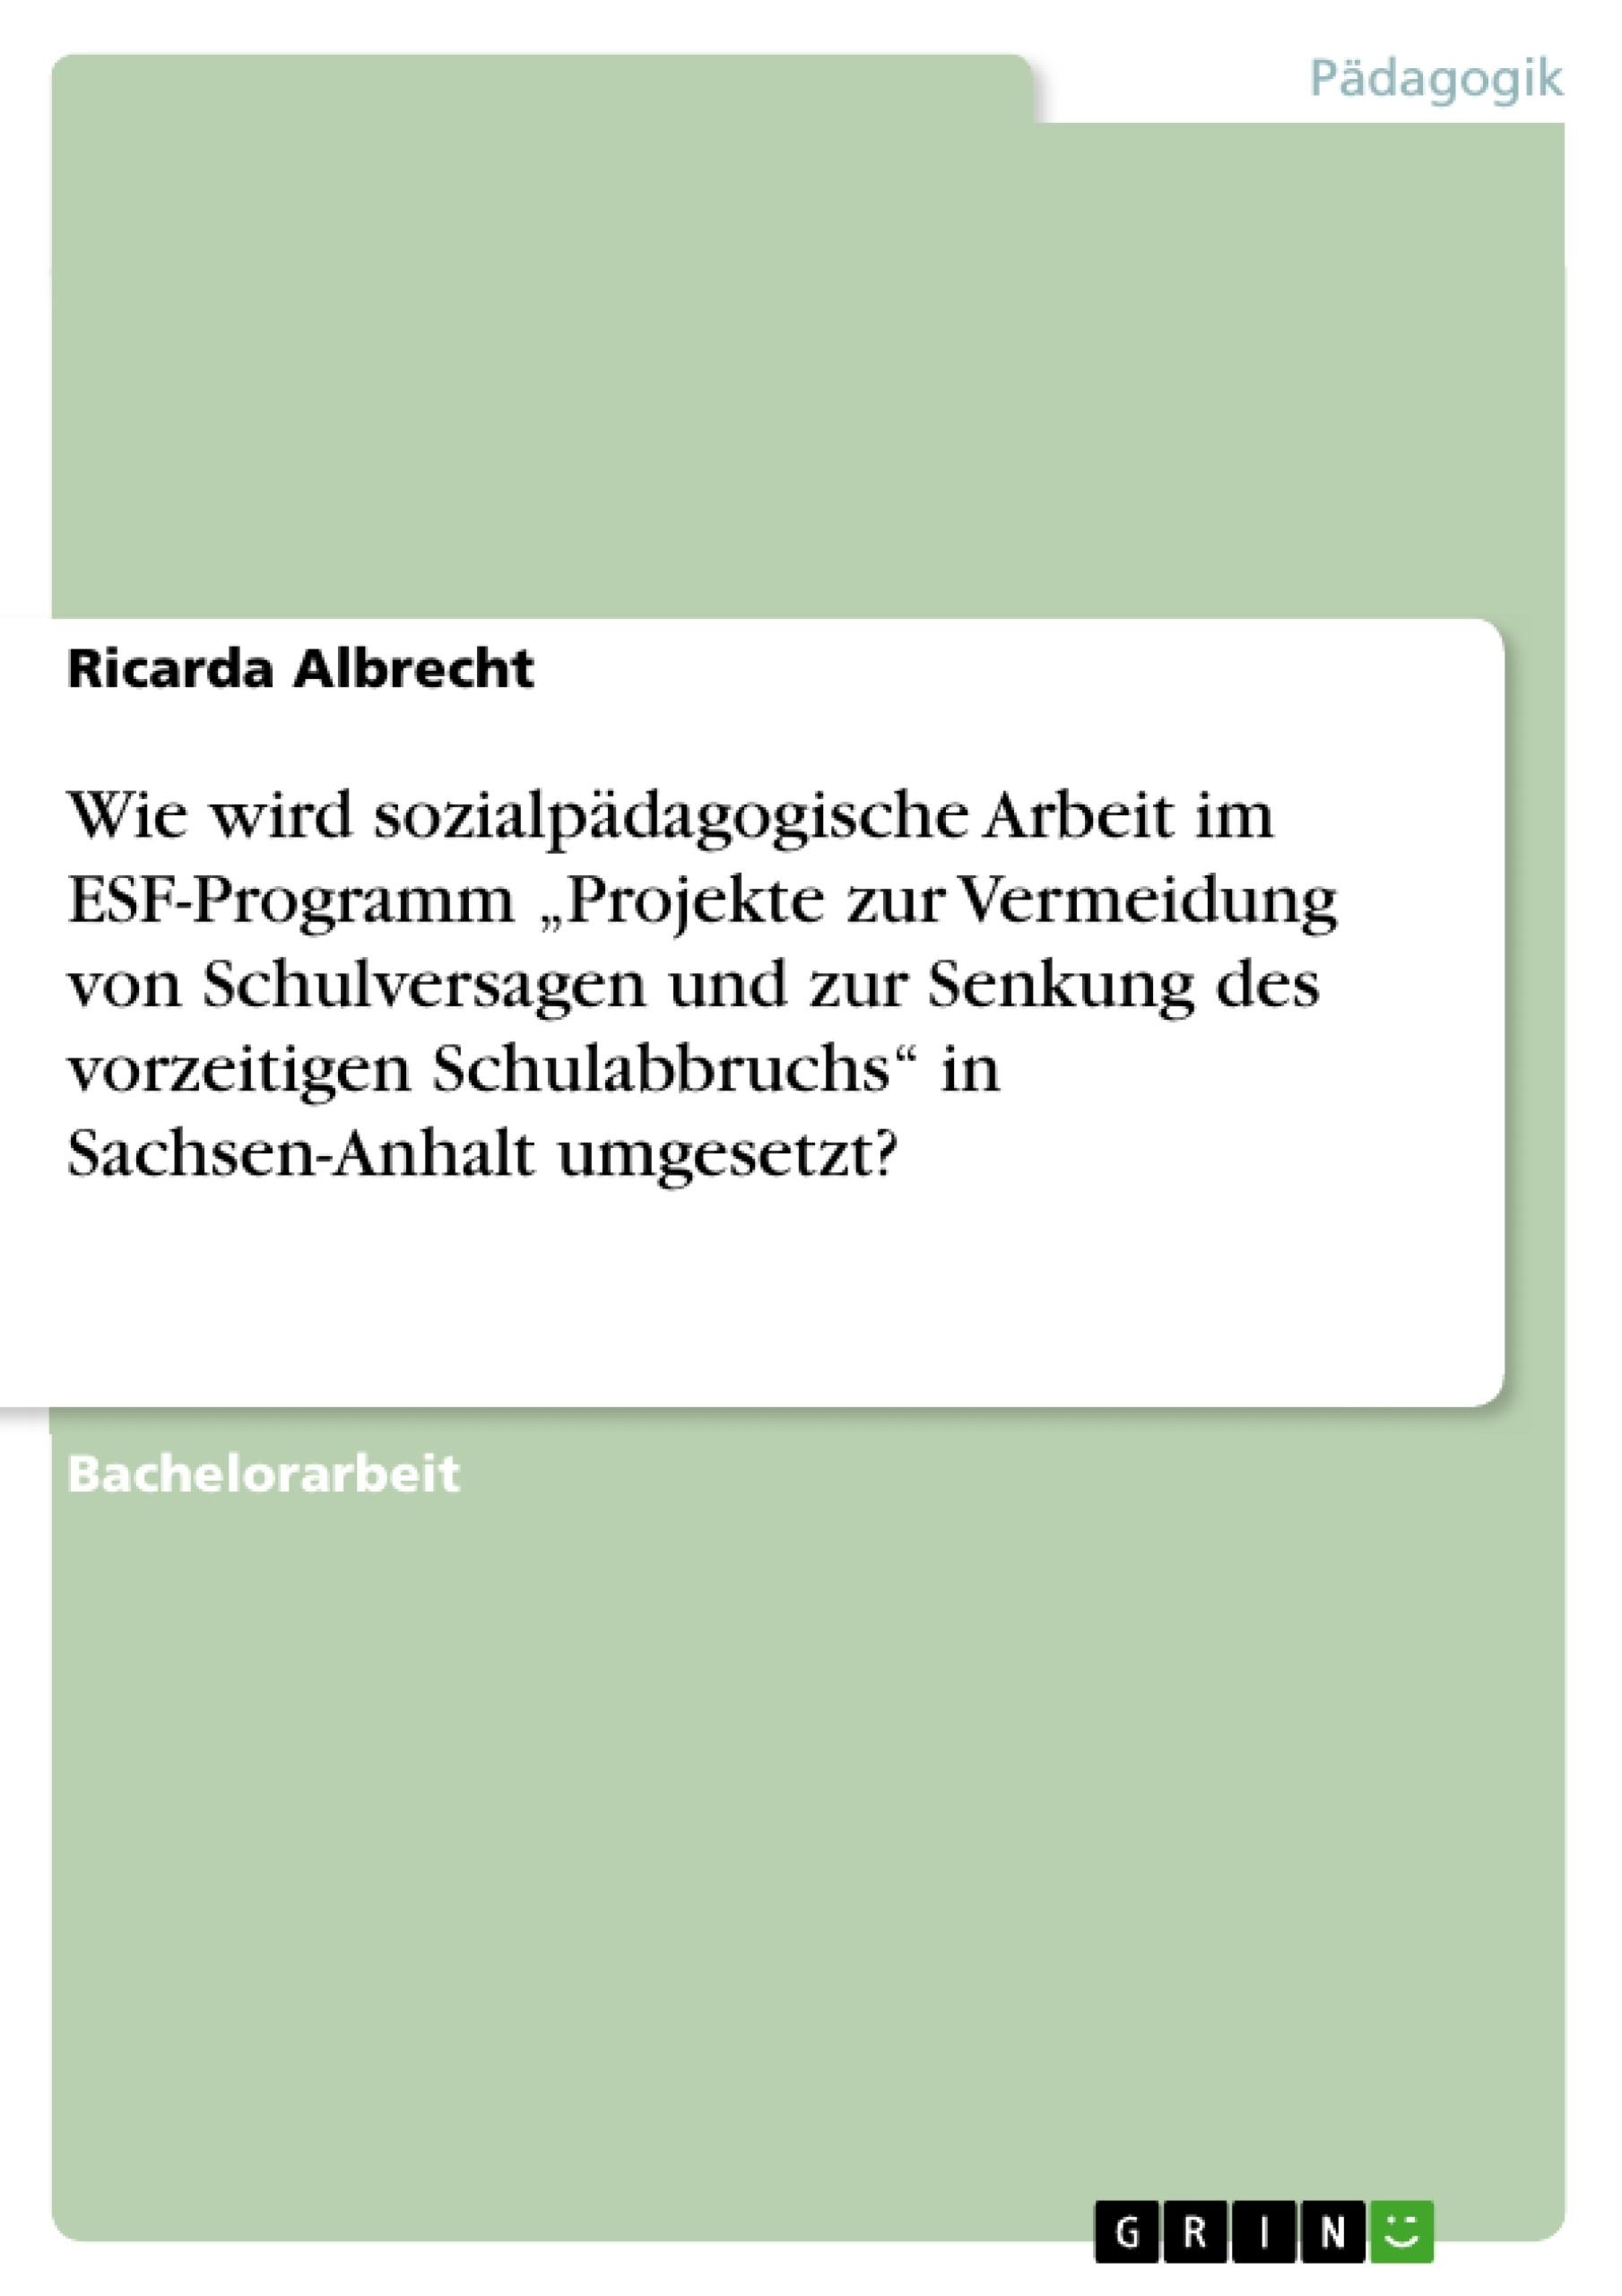 """Titel: Wie wird sozialpädagogische Arbeit im ESF-Programm """"Projekte zur Vermeidung von Schulversagen und zur Senkung des vorzeitigen Schulabbruchs"""" in Sachsen-Anhalt umgesetzt?"""